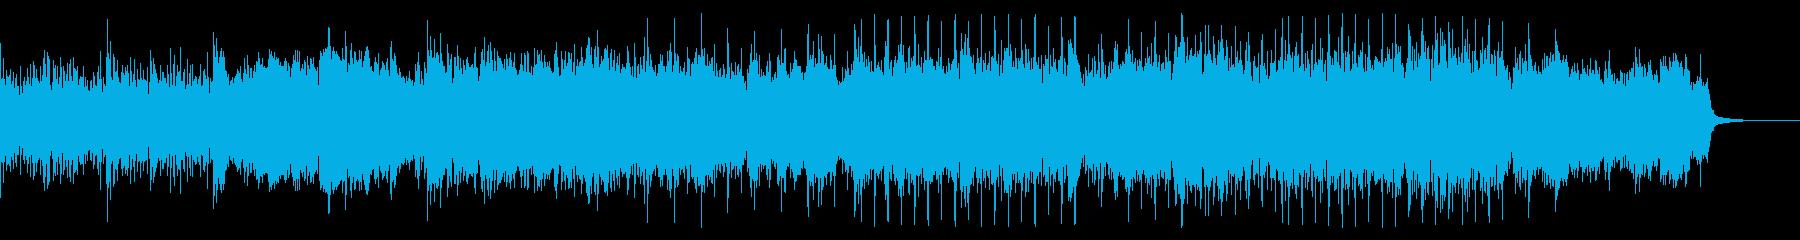 こすれるノイジーなアンビエントテクスチャの再生済みの波形